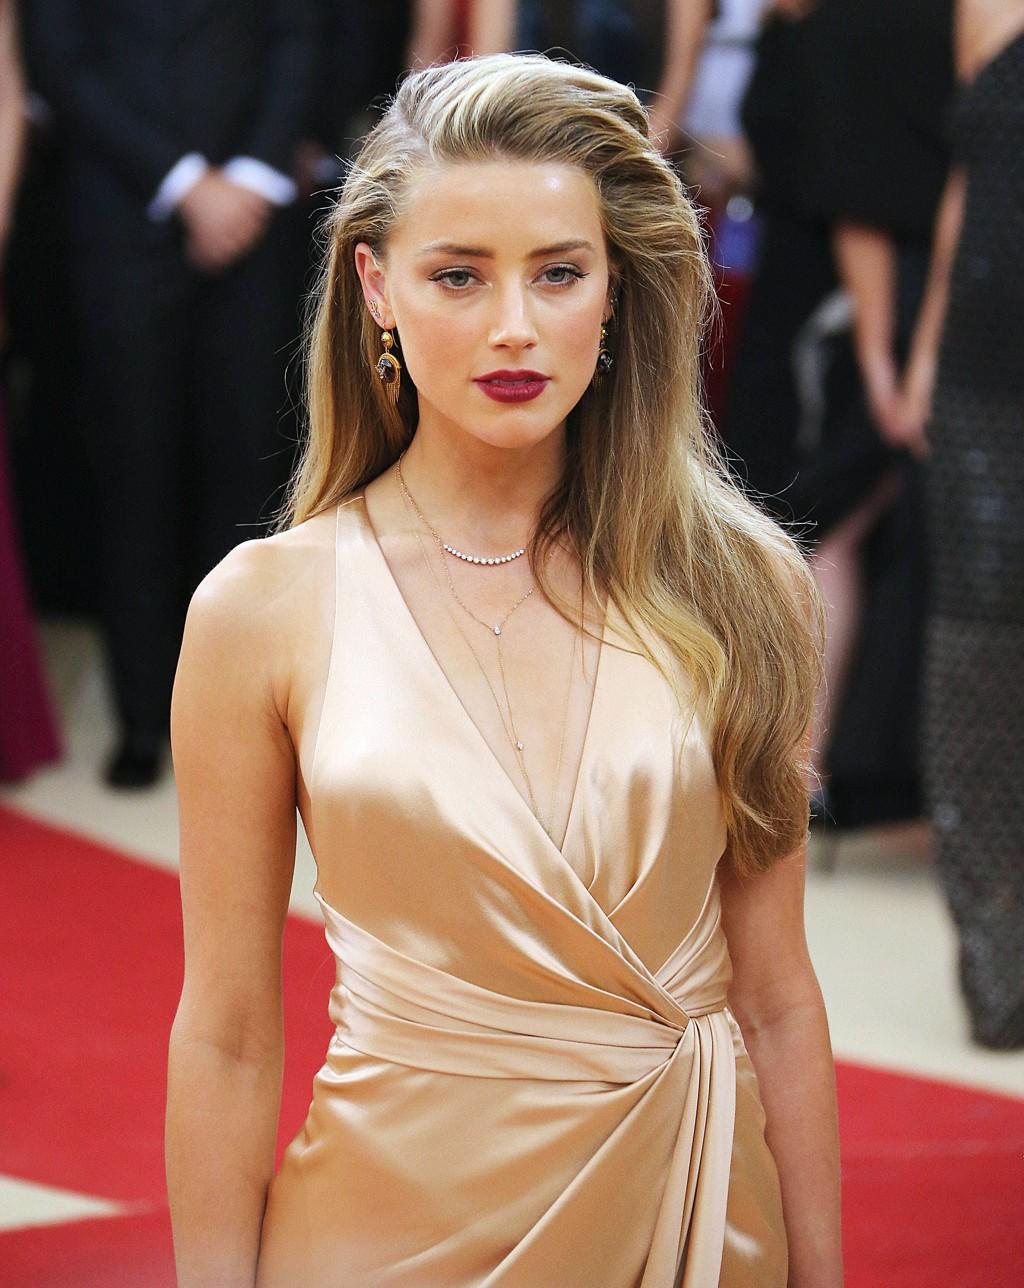 BRUDD: Amber Heard skal ha søkt om besøksforbud fra Johnny Depp etter anklager om at han har vært voldelig mot henne.